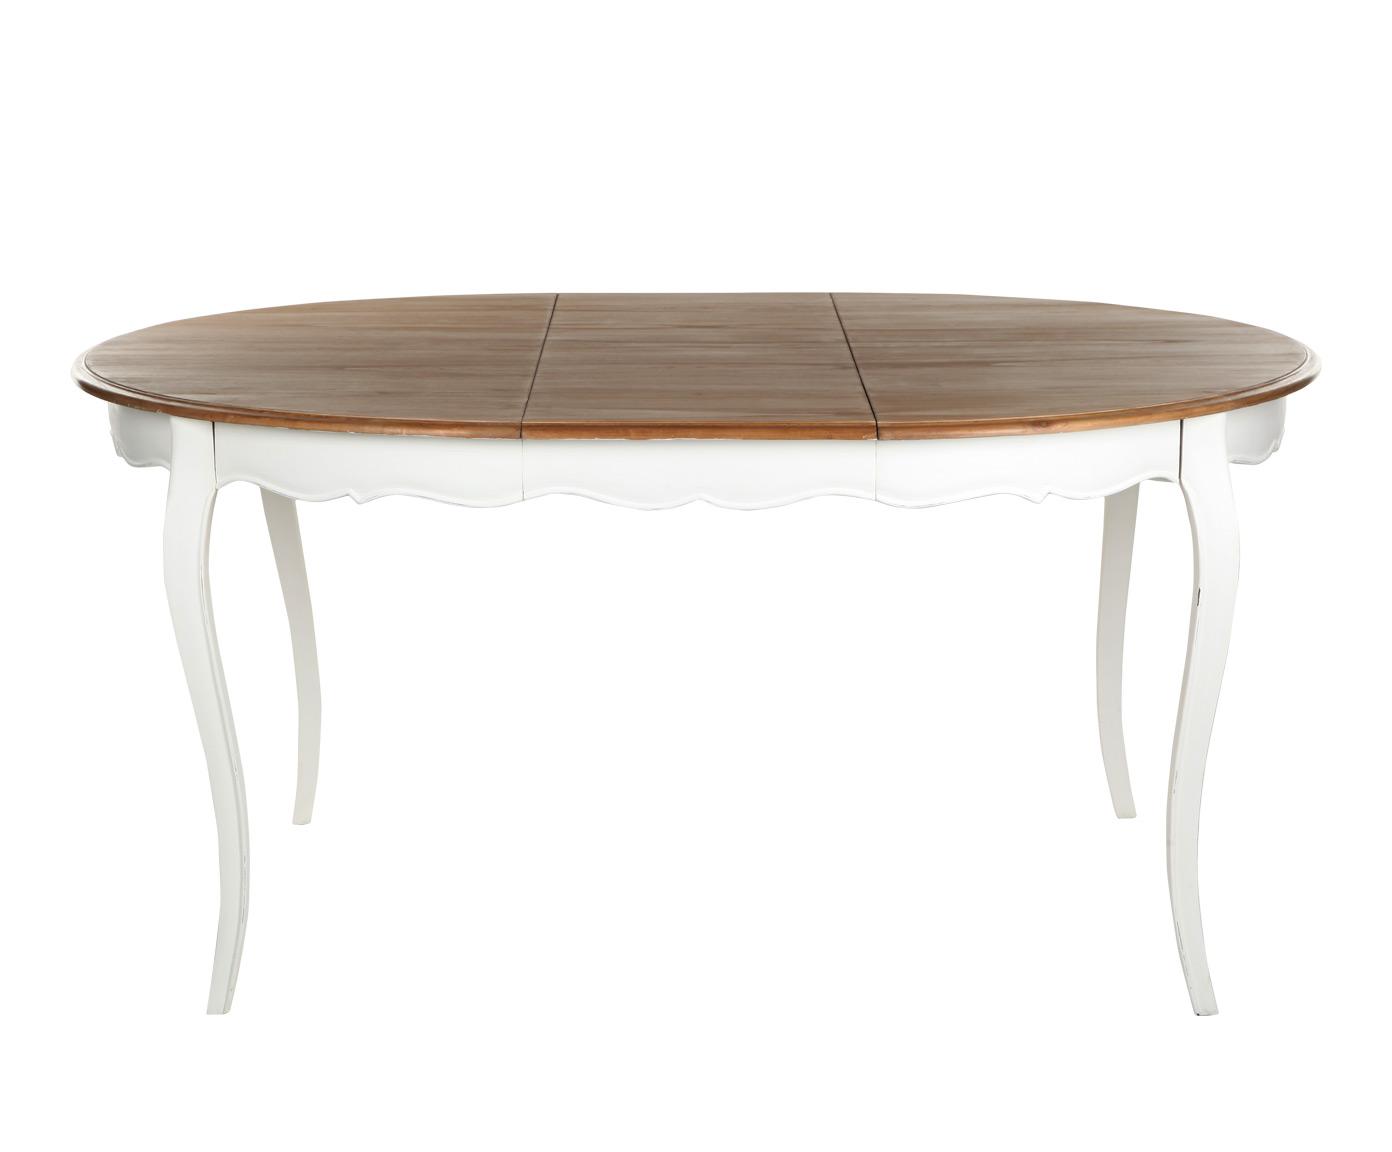 Обеденный стол РевантенОбеденные столы<br>Цвет: белый, натуральный<br>В собранном виде 120х130<br><br>Material: Красное дерево<br>Length см: 160.0<br>Width см: 120.0<br>Depth см: None<br>Height см: 75.0<br>Diameter см: None